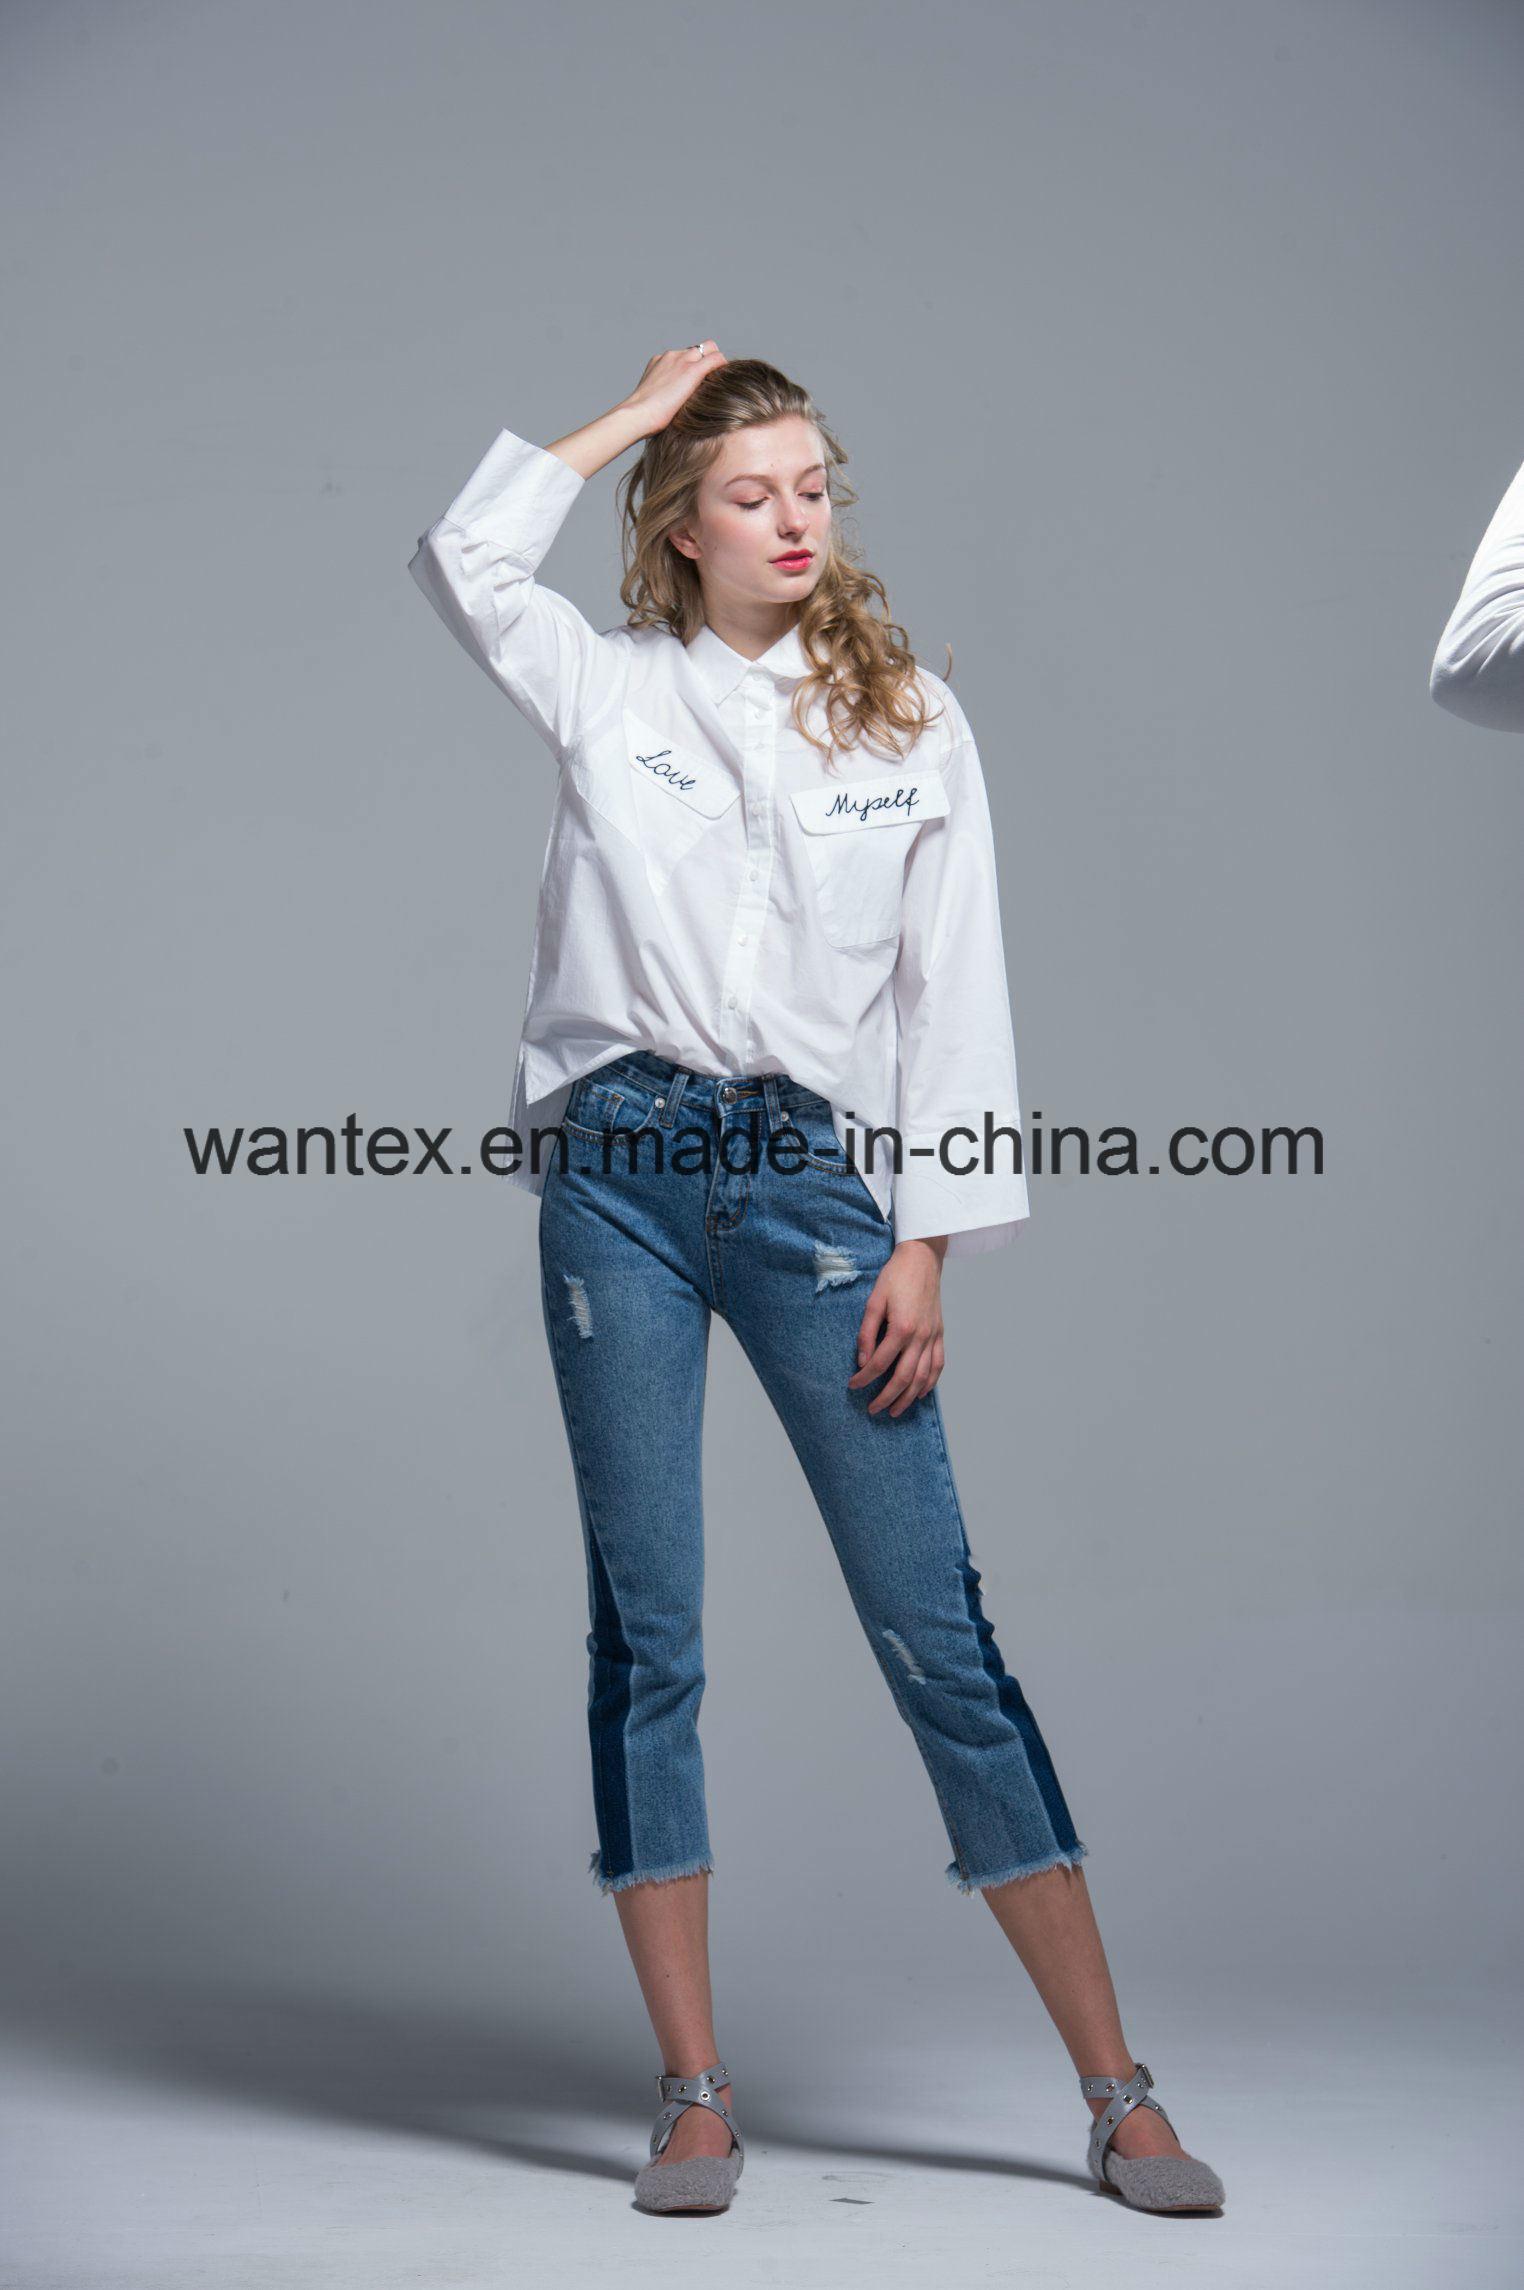 Ladies Blouse 100% Cotton Fashion Shirt Fashion Top Spring Autumn